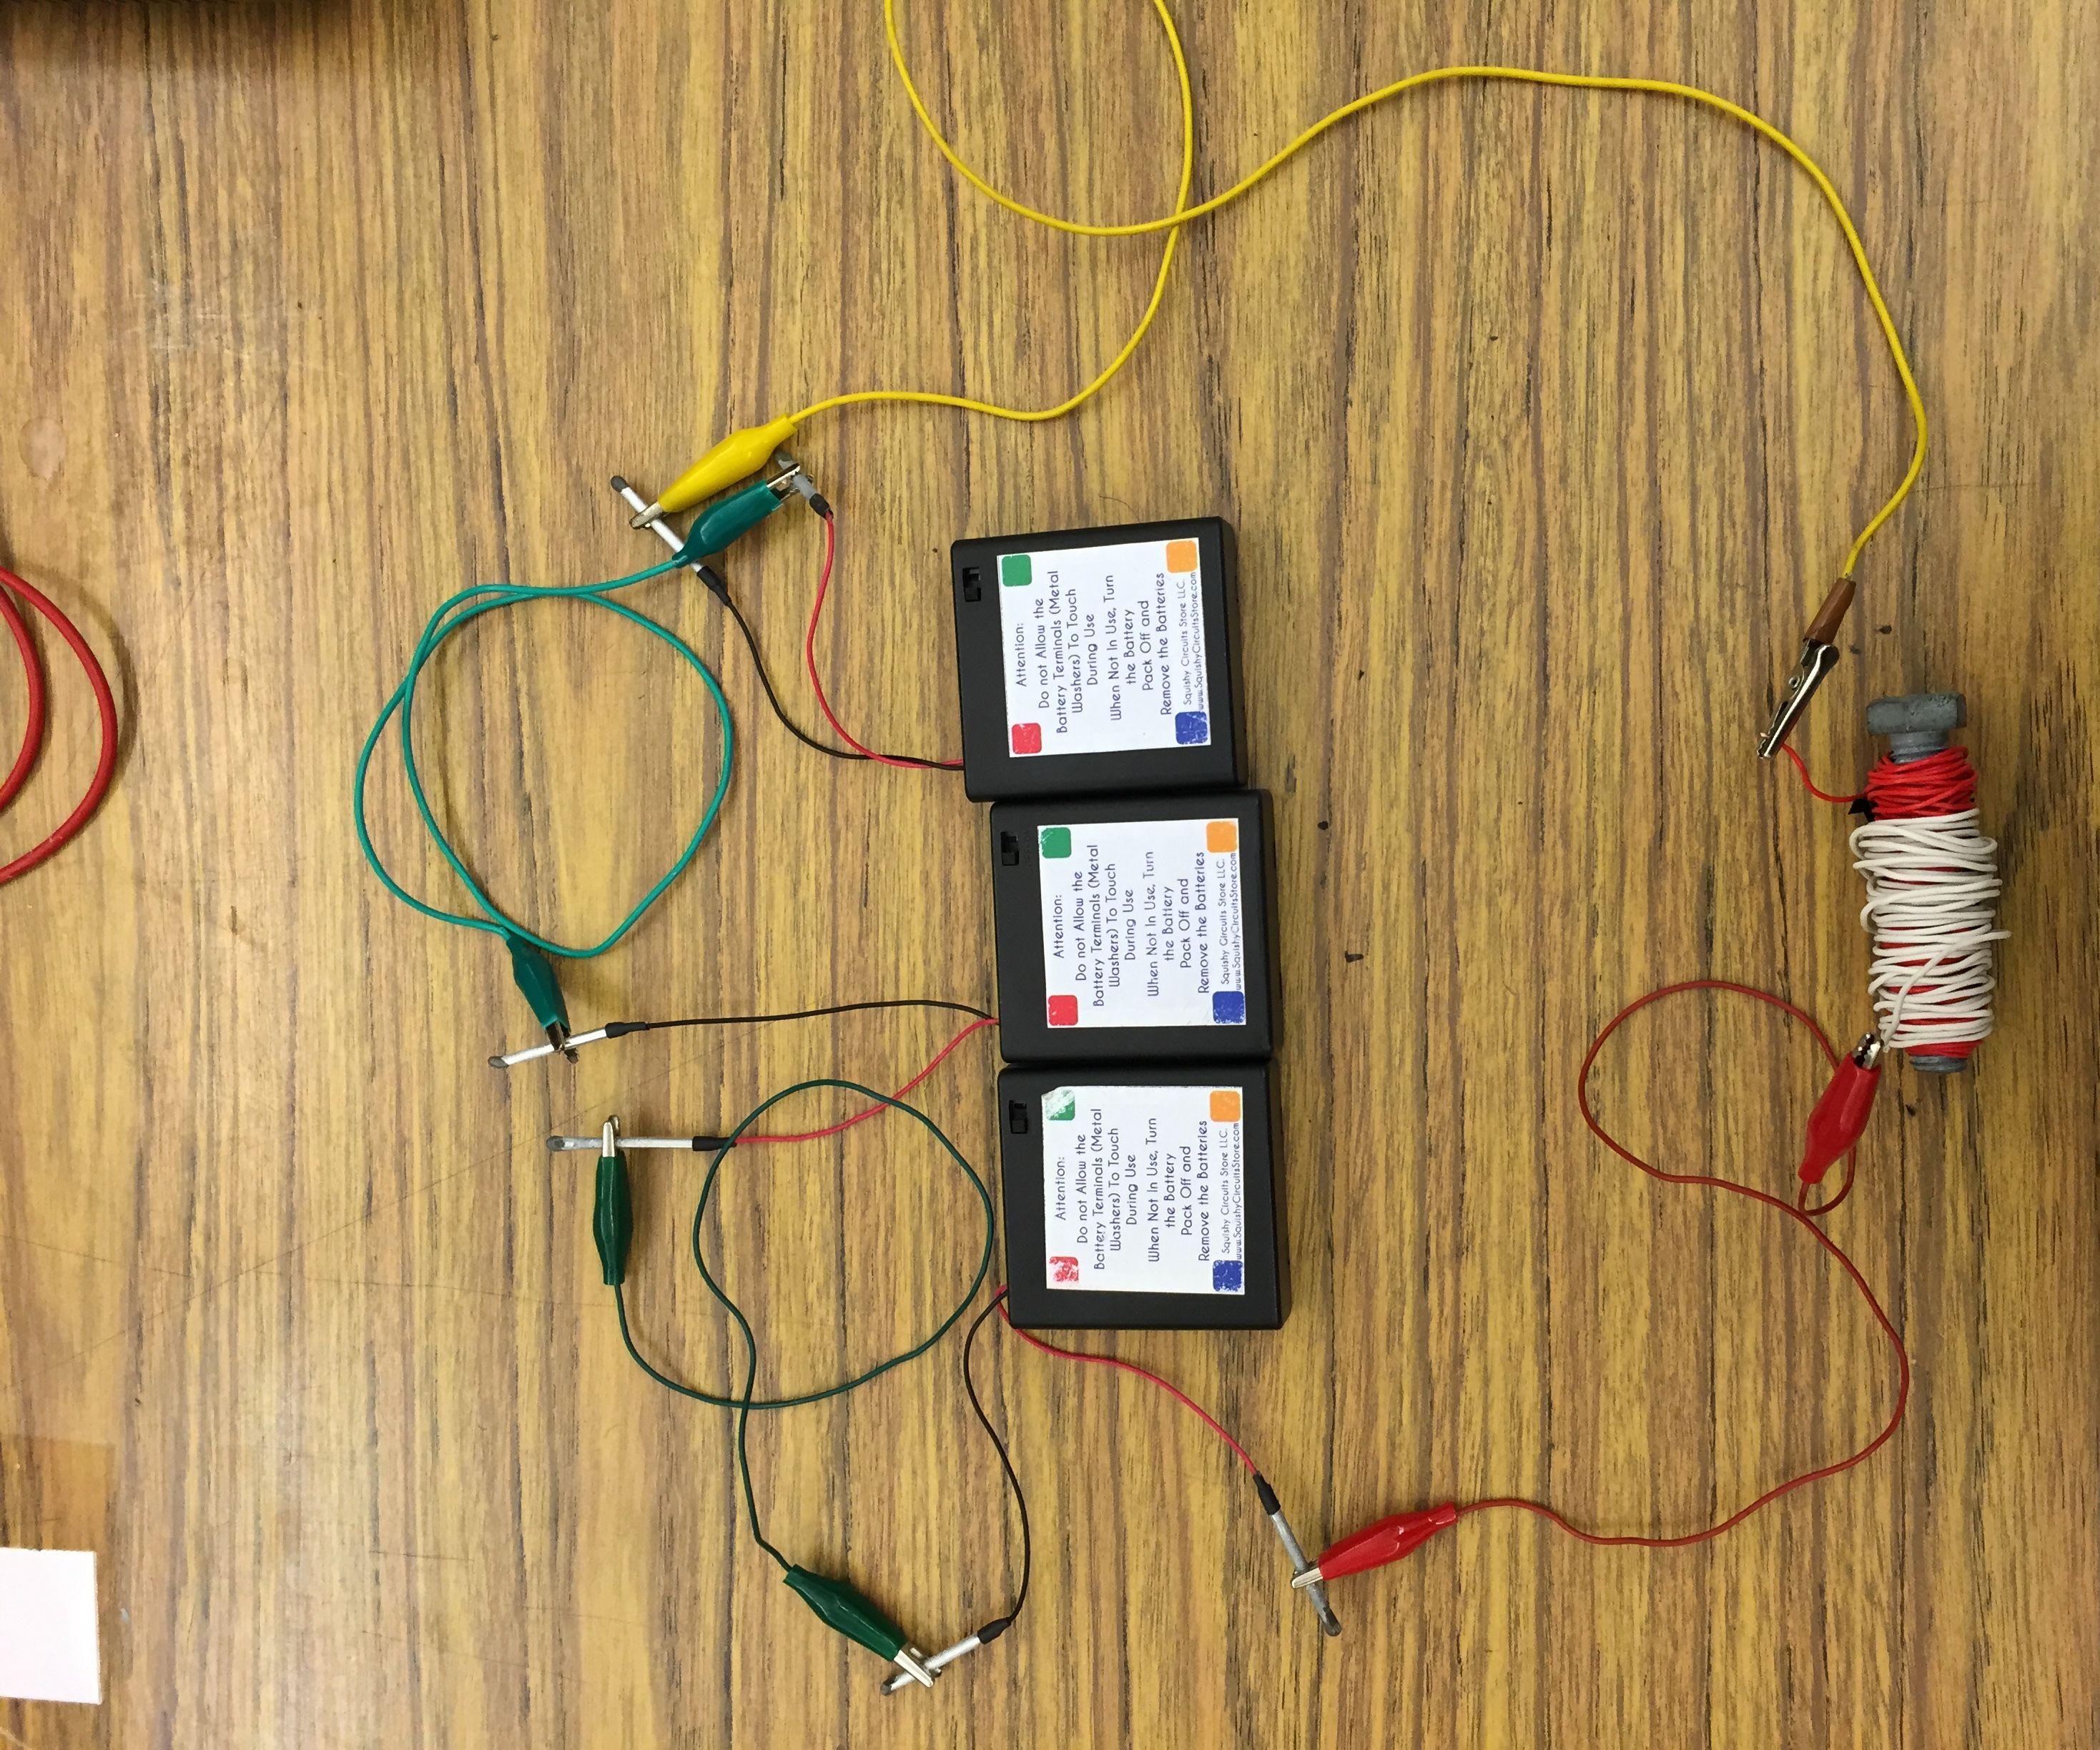 Making an ElectroMagnet